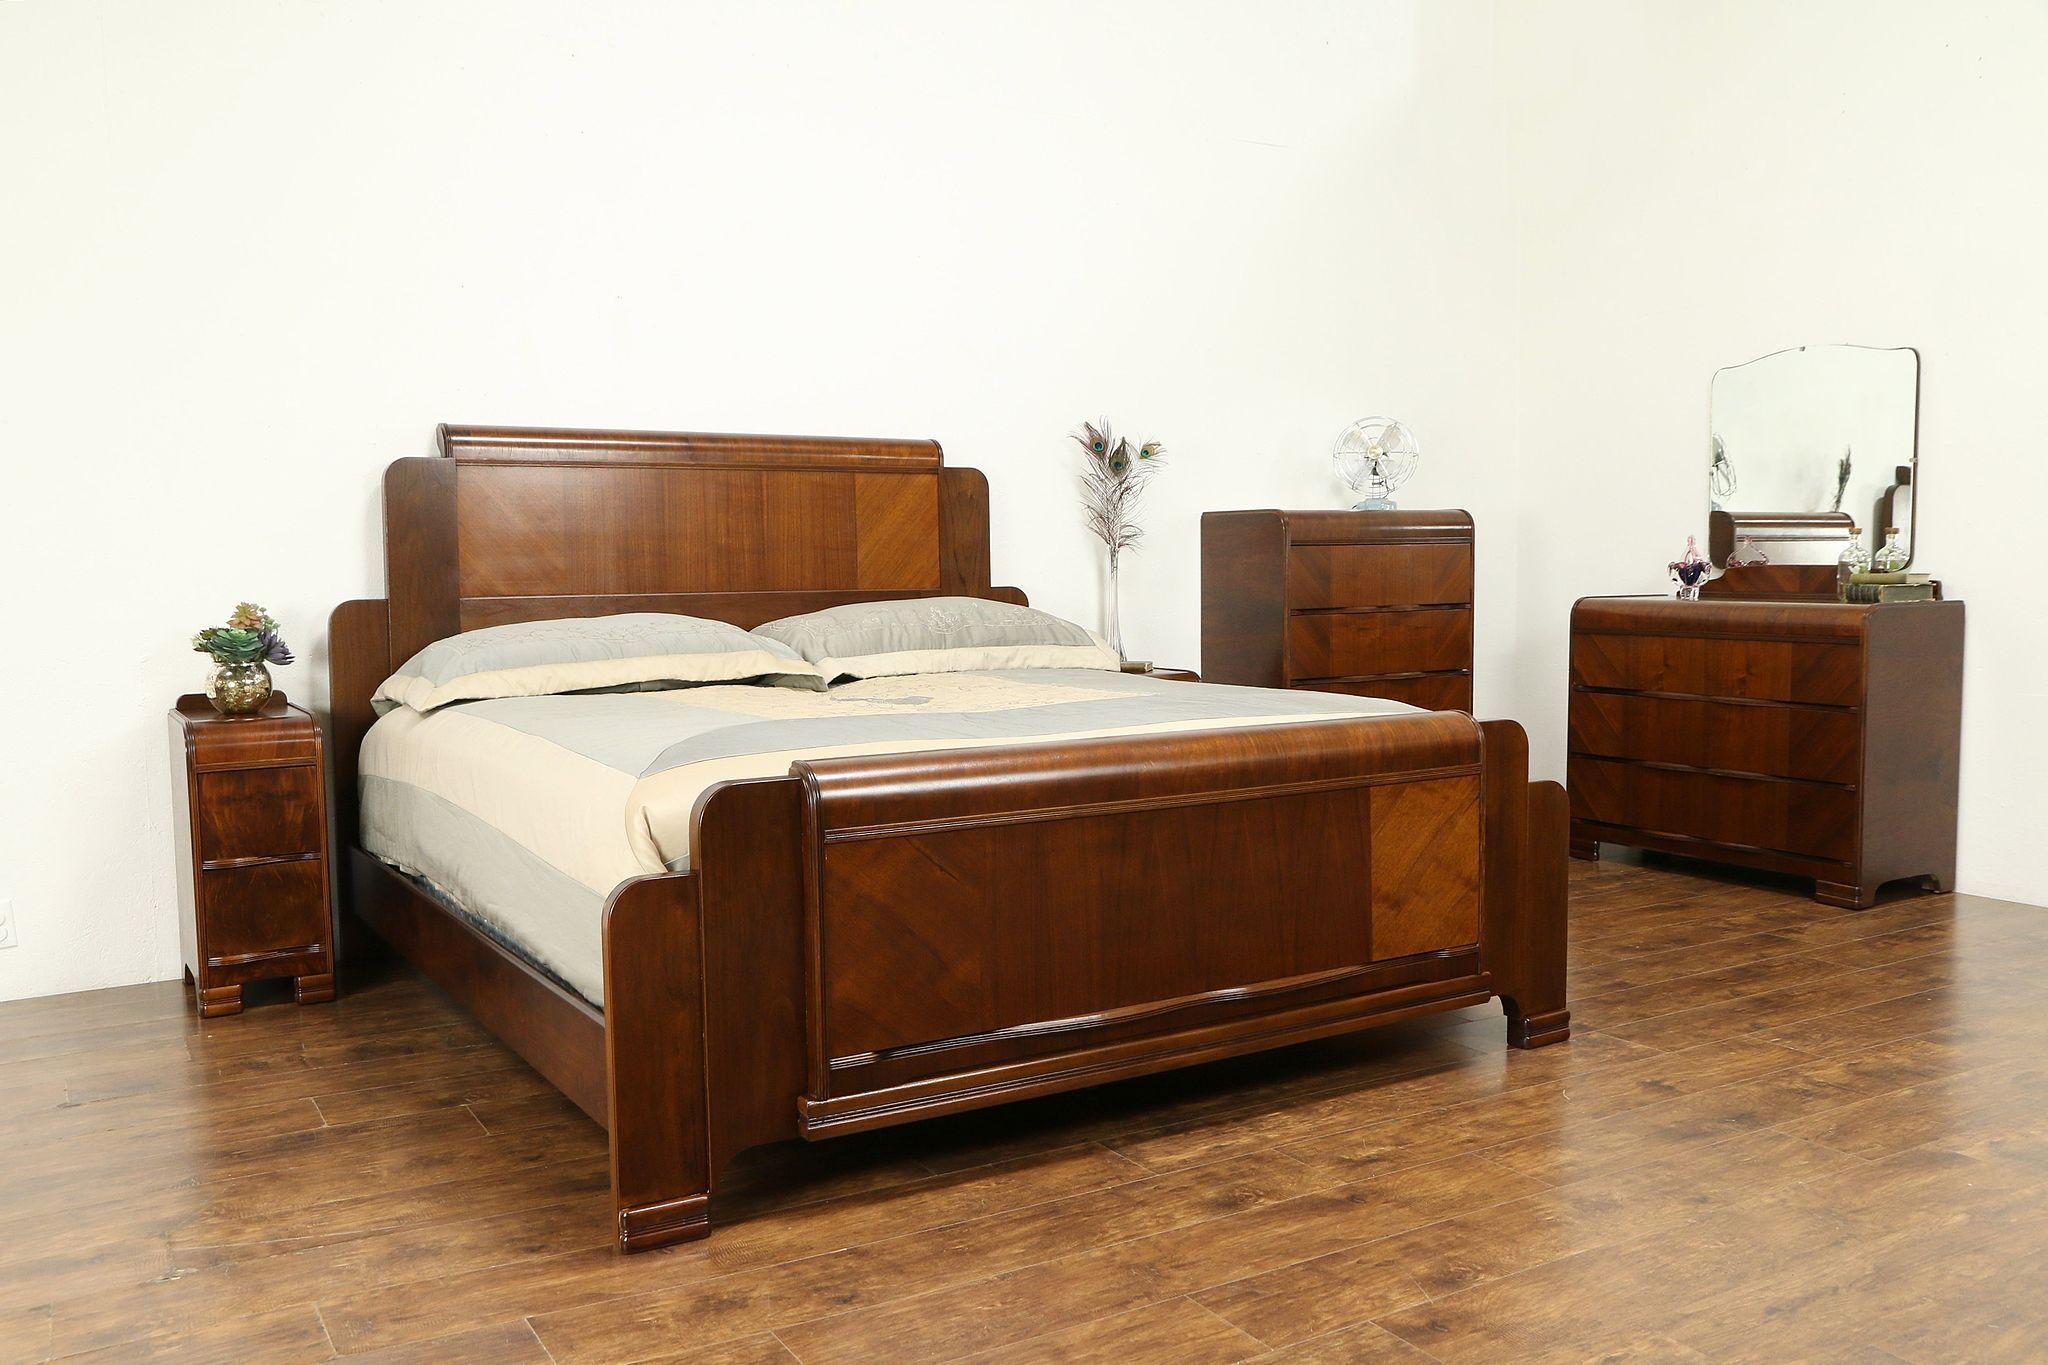 Art Deco Waterfall Design 1940 Vintage 5 Pc Bedroom Set King Size Bed 31163 In 2020 Bedroom Set King Size Bedroom Sets Bedroom Sets For Sale